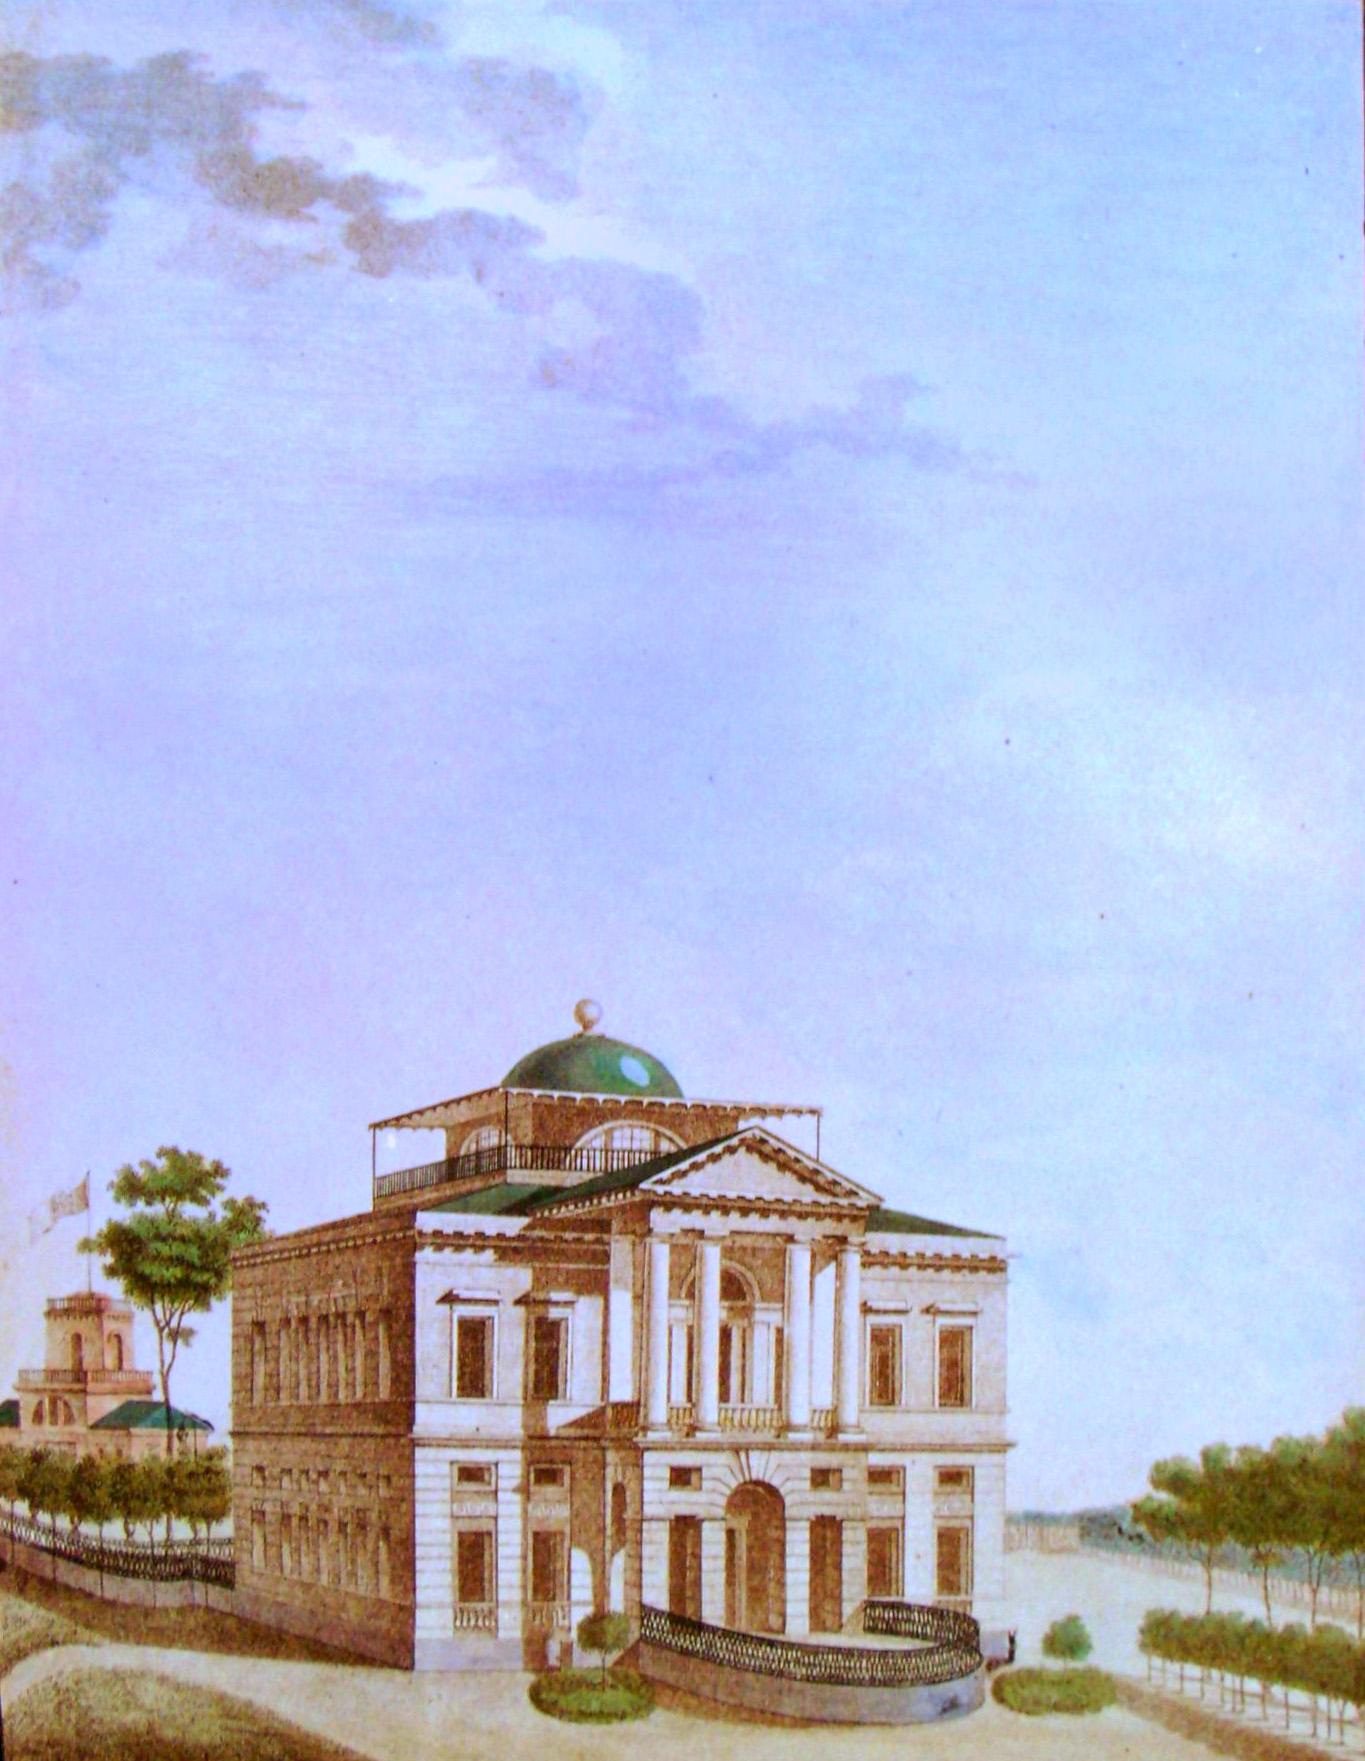 16. Вид каменного дома в саду. Рисовал А. П. Павловский в 1823 году.